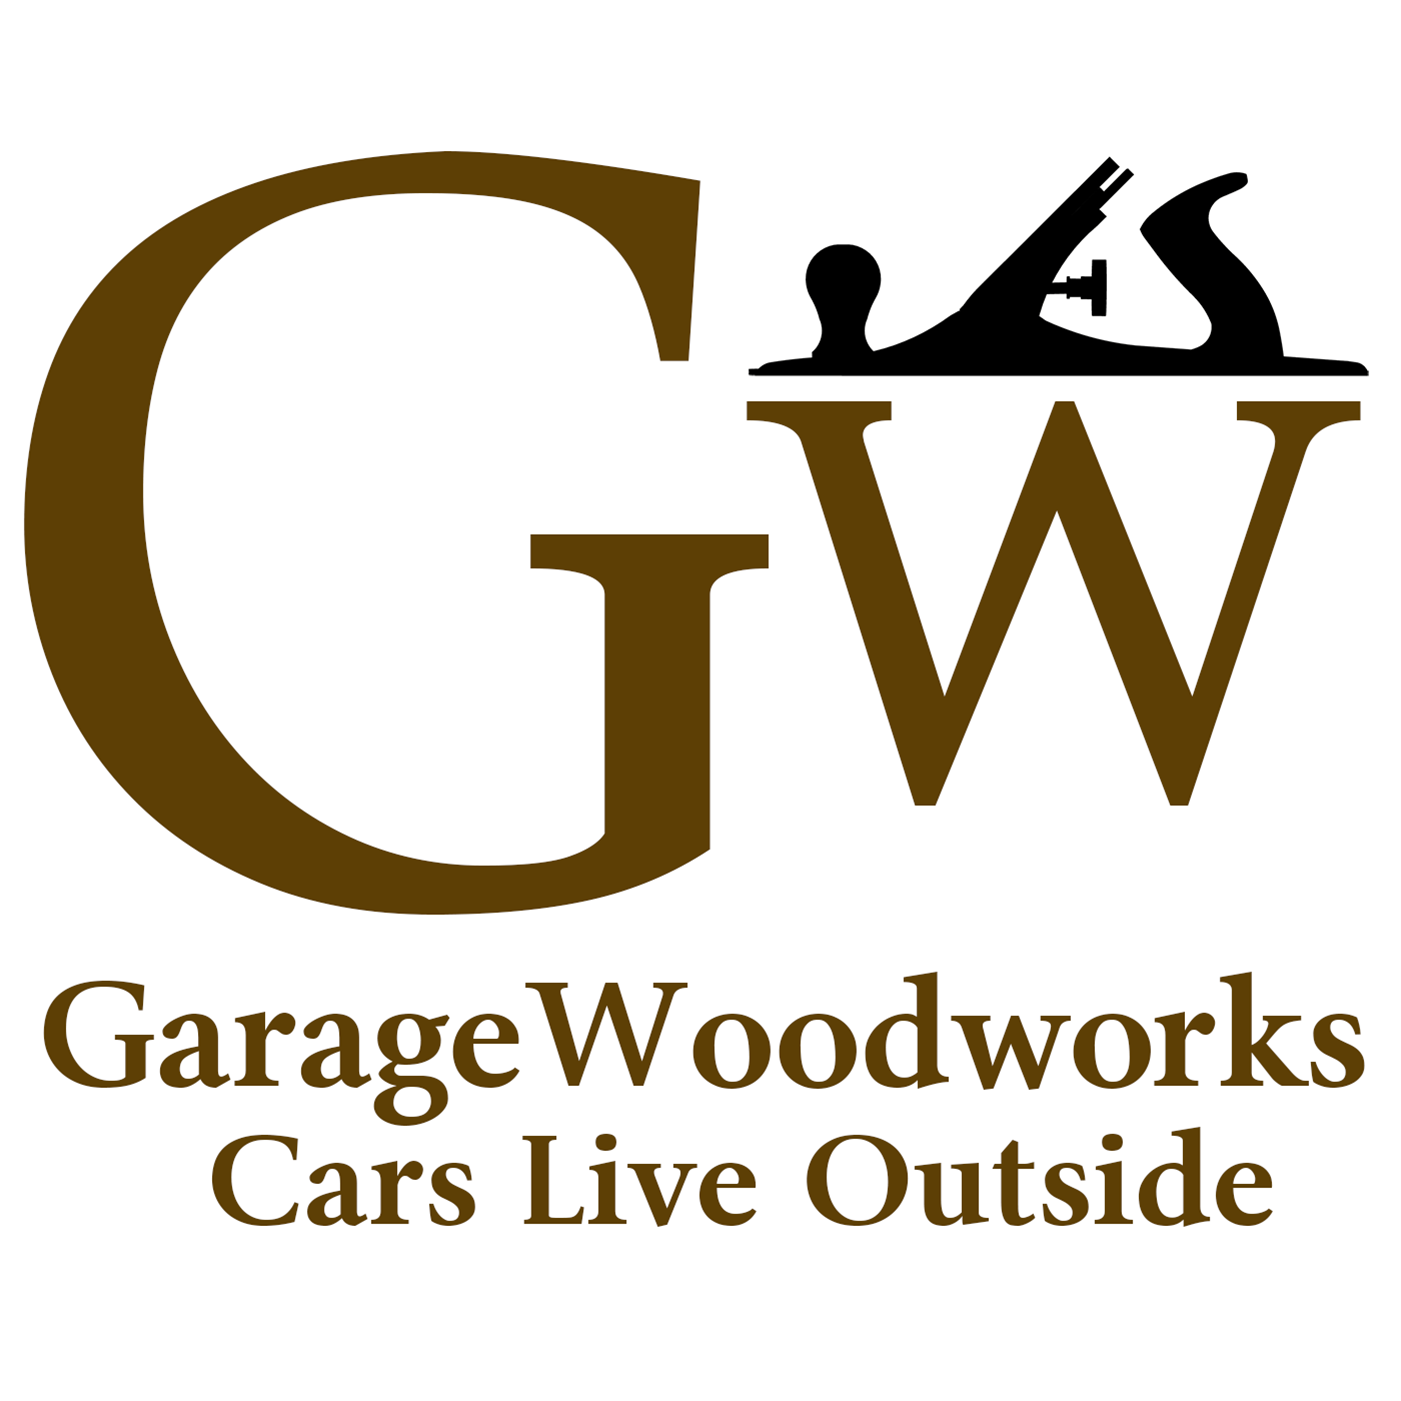 GarageWoodworks